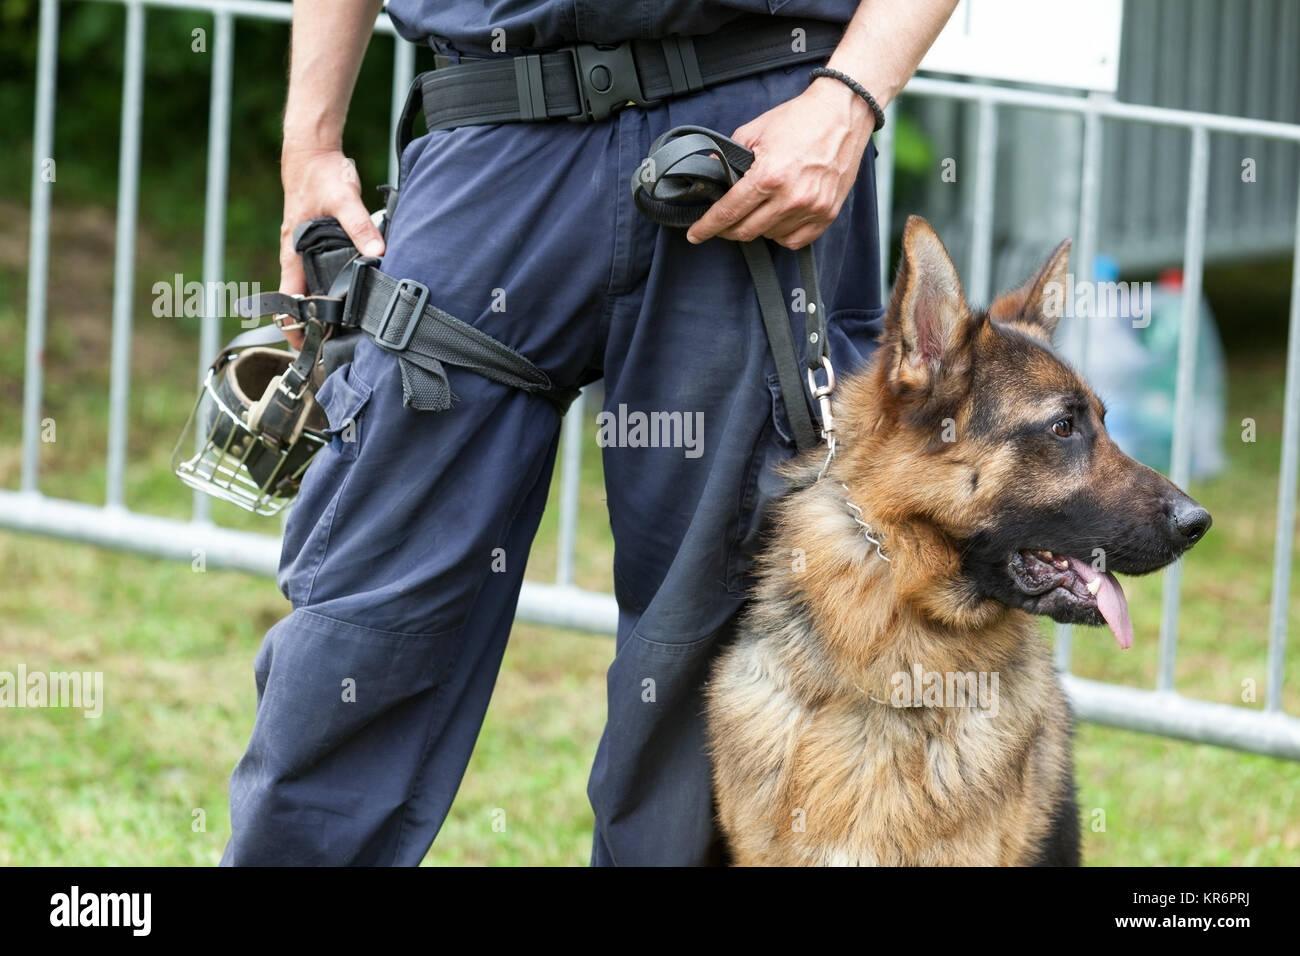 Cane Di Polizia Poliziotto Con Un Pastore Tedesco Sul Dazio Foto